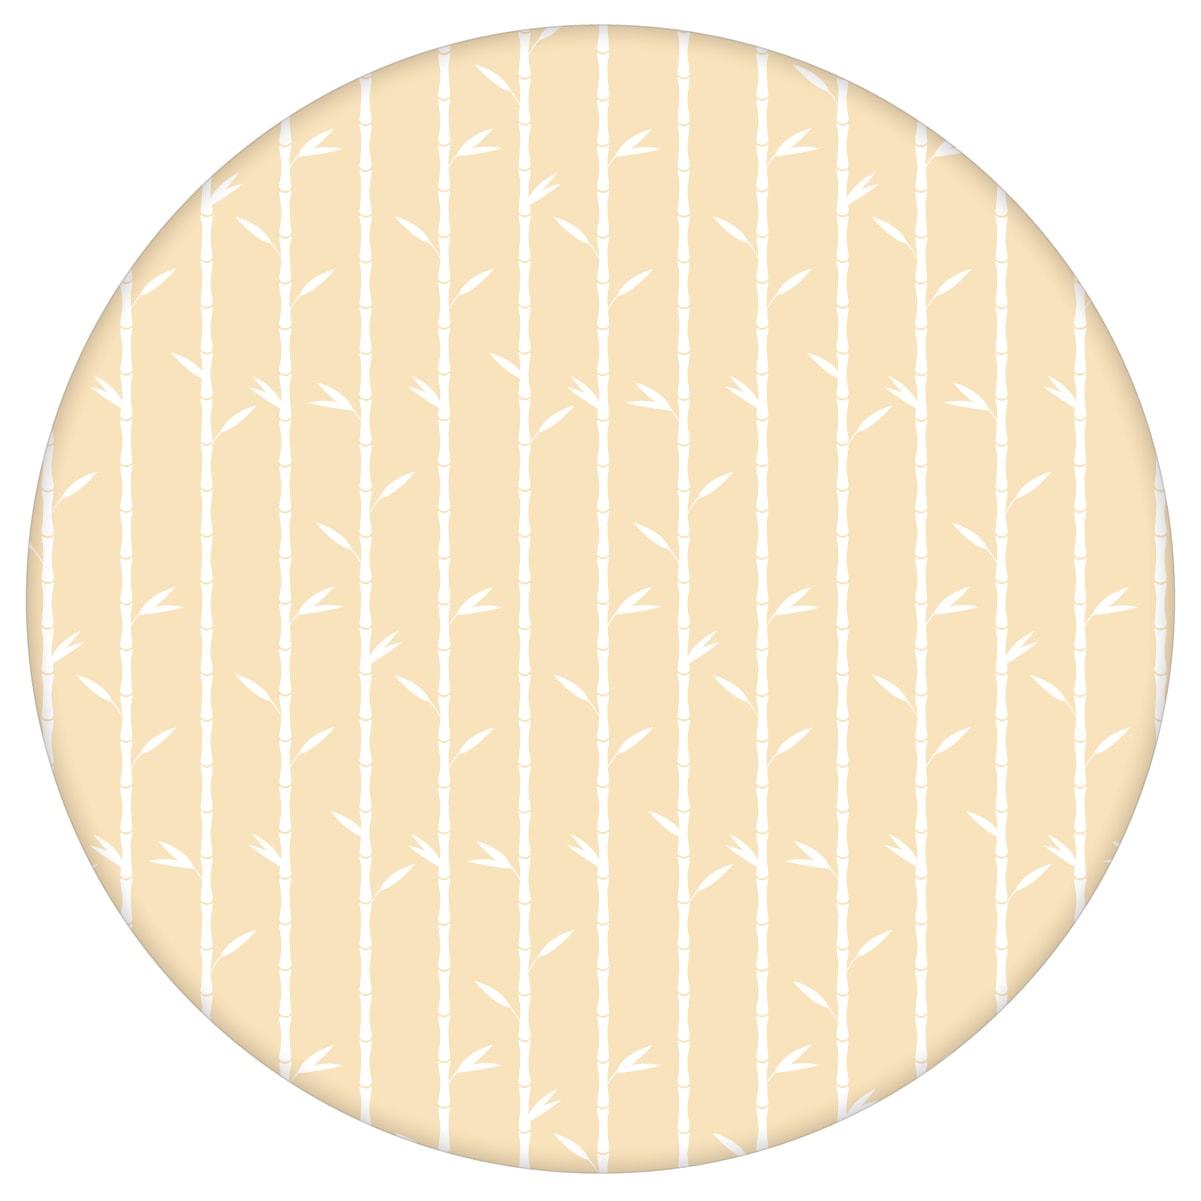 """Natur Tapete """"Bamboo Garden"""" mit grafischem Bambus, vanille gelbe Vlies-Tapete für Schlafzimmeraus dem GMM-BERLIN.com Sortiment: gelbe Tapete zur Raumgestaltung: #00163 #Bambus #blumen #Blumentapete #gelbe Tapeten #grafisch #Natur #schlafzimmer #streifen #vanille für individuelles Interiordesign"""